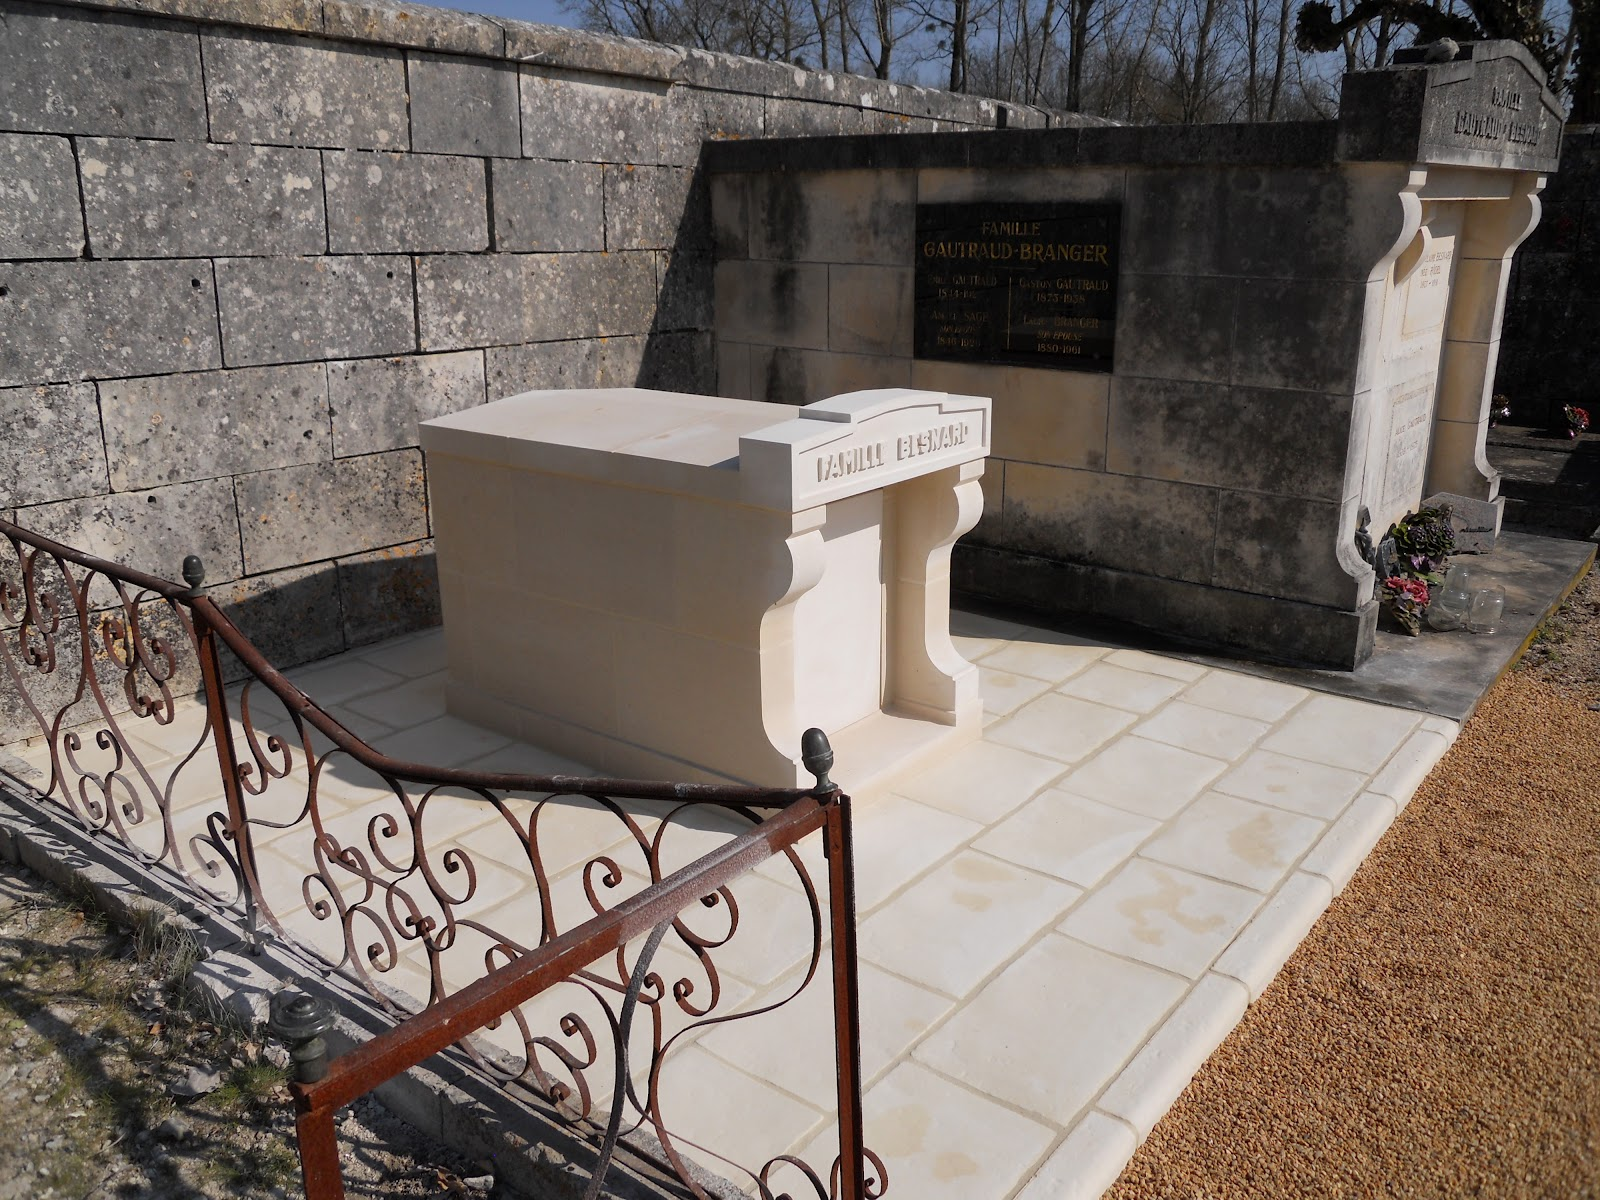 Entreprise de maconnerie pose d 39 un columbarium en pierre de taille - Pose dalle pierre reconstituee ...